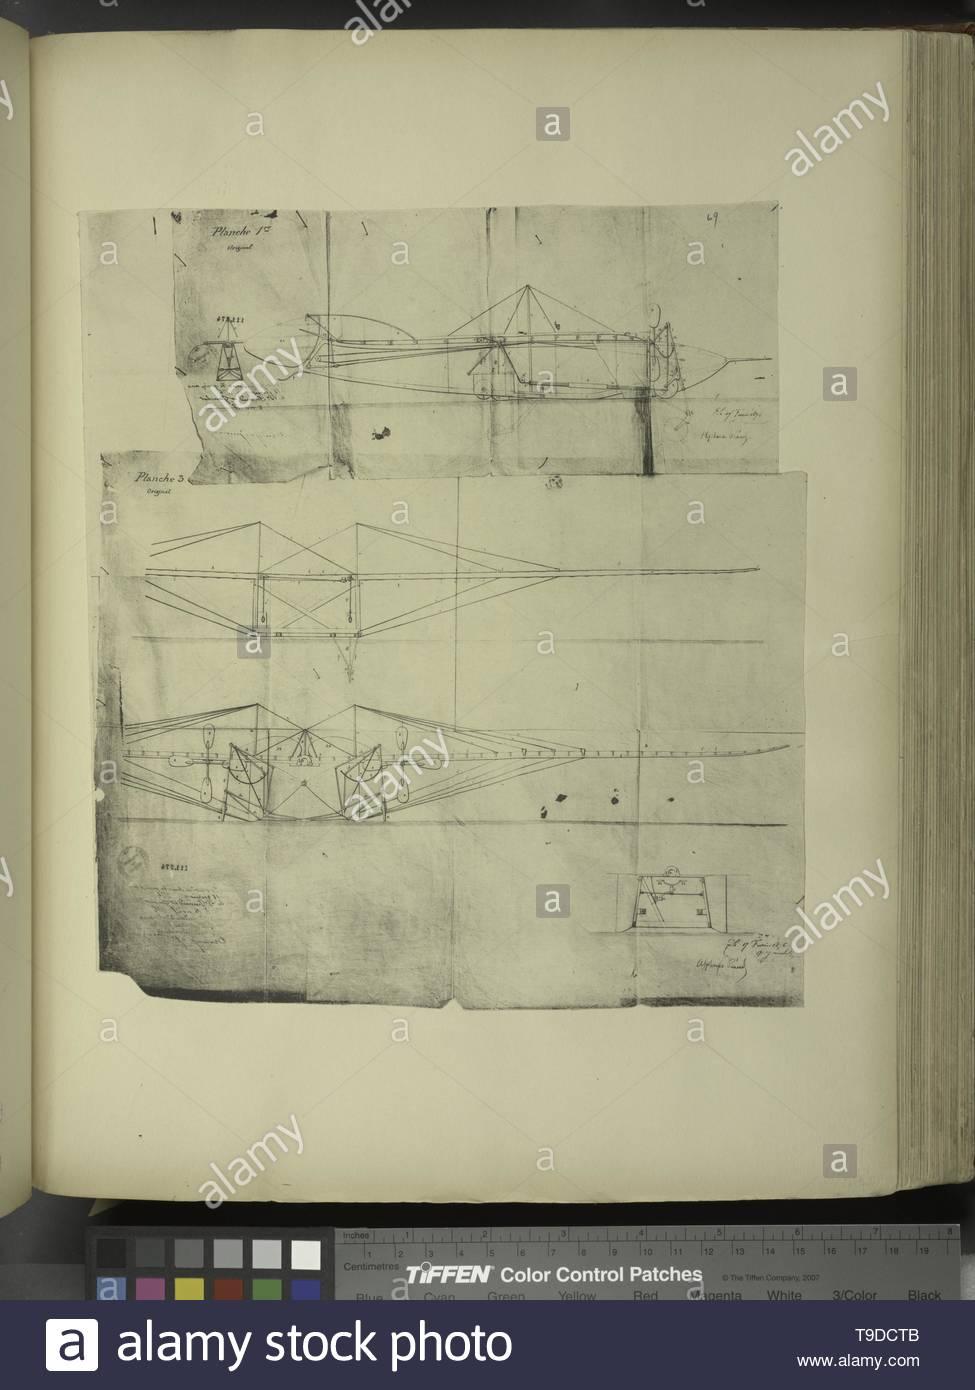 LaVaulx,Henryde,1870-1930-Planche I et II du brevet n° 111 574 pris en France le 16 février 1876, par Penaud et Gauchot, pour «Un aéro-plane ou appareil aérien volant» - Stock Image